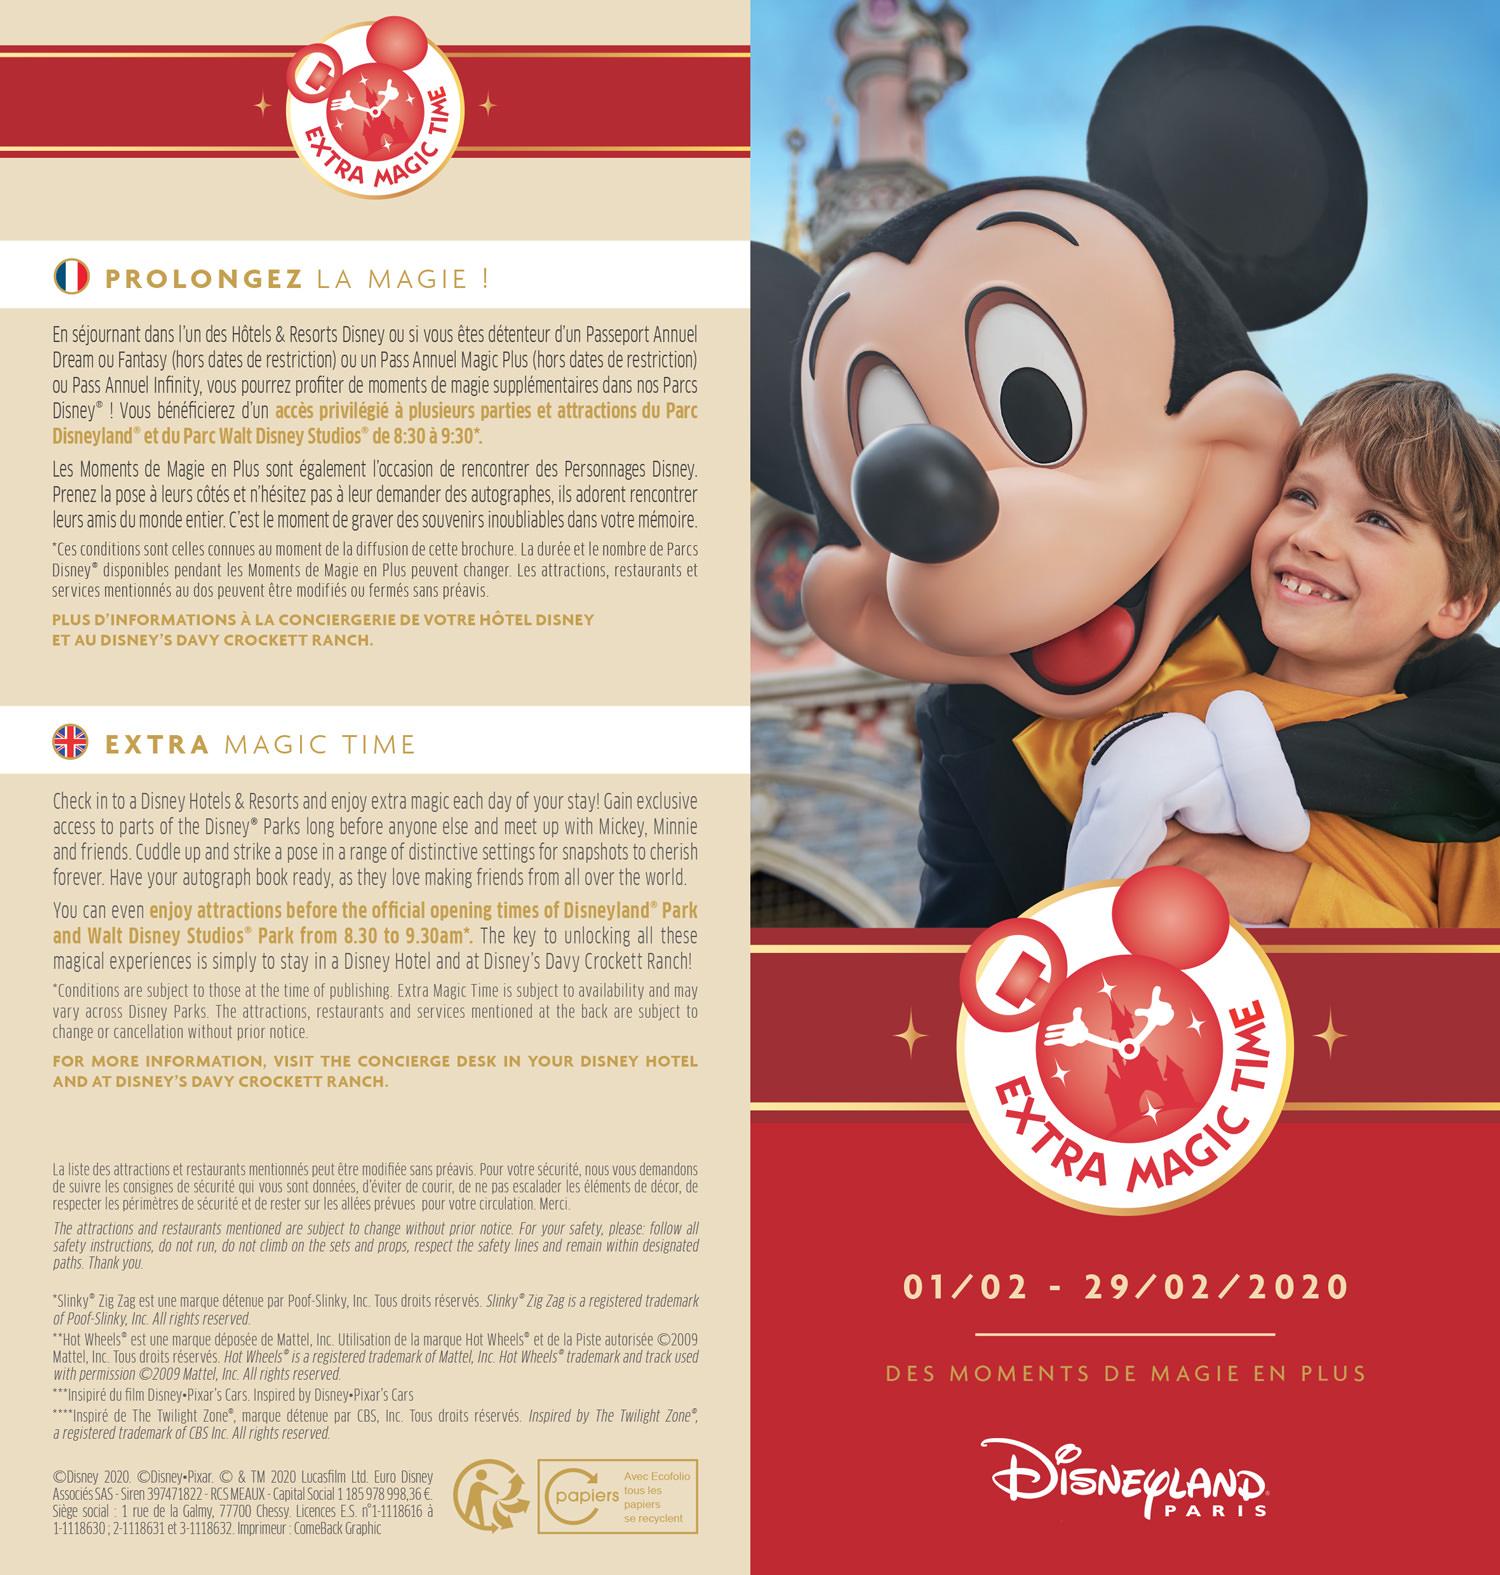 EMT février 2020 à Disneyland Paris : programme des attractions ouvertes dès 8h30